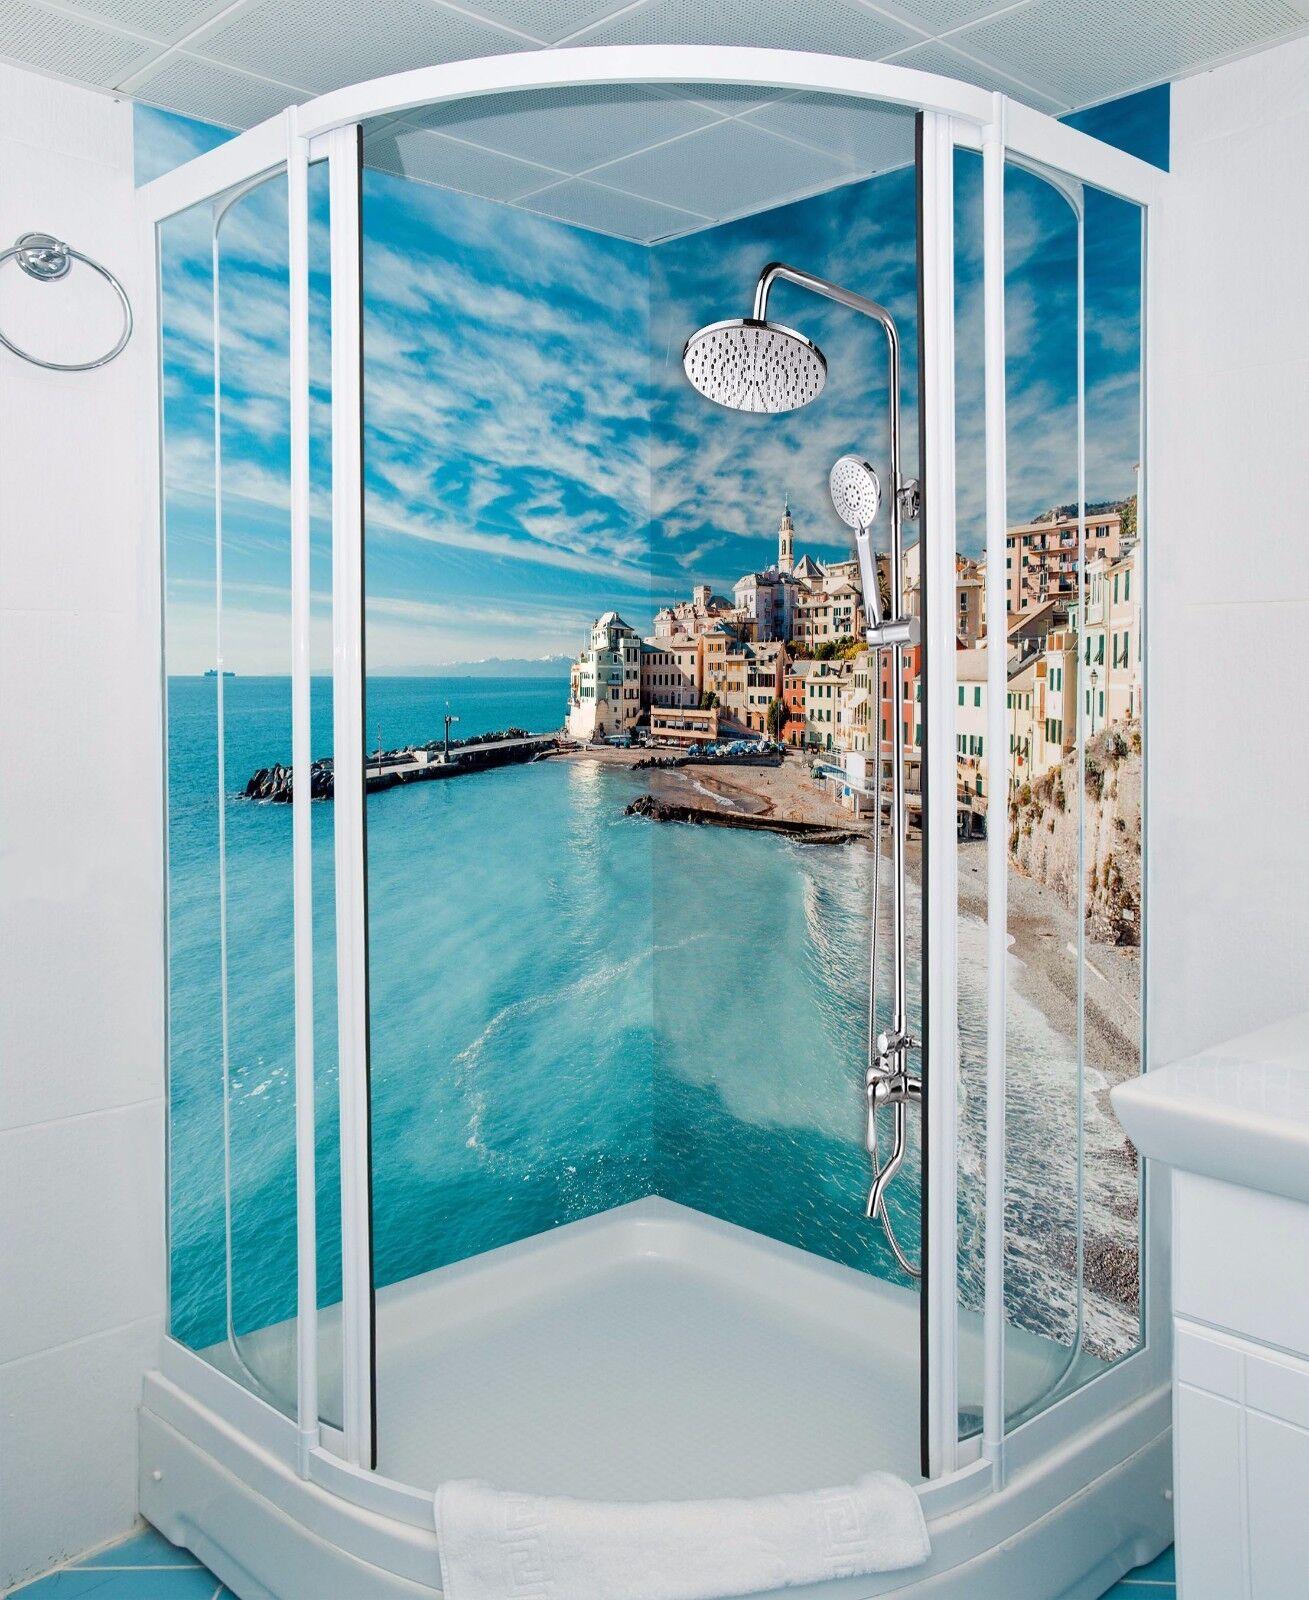 3D Sky sea house 533 WallPaper Bathroom Print Decal Wall Deco AJ WALLPAPER UK